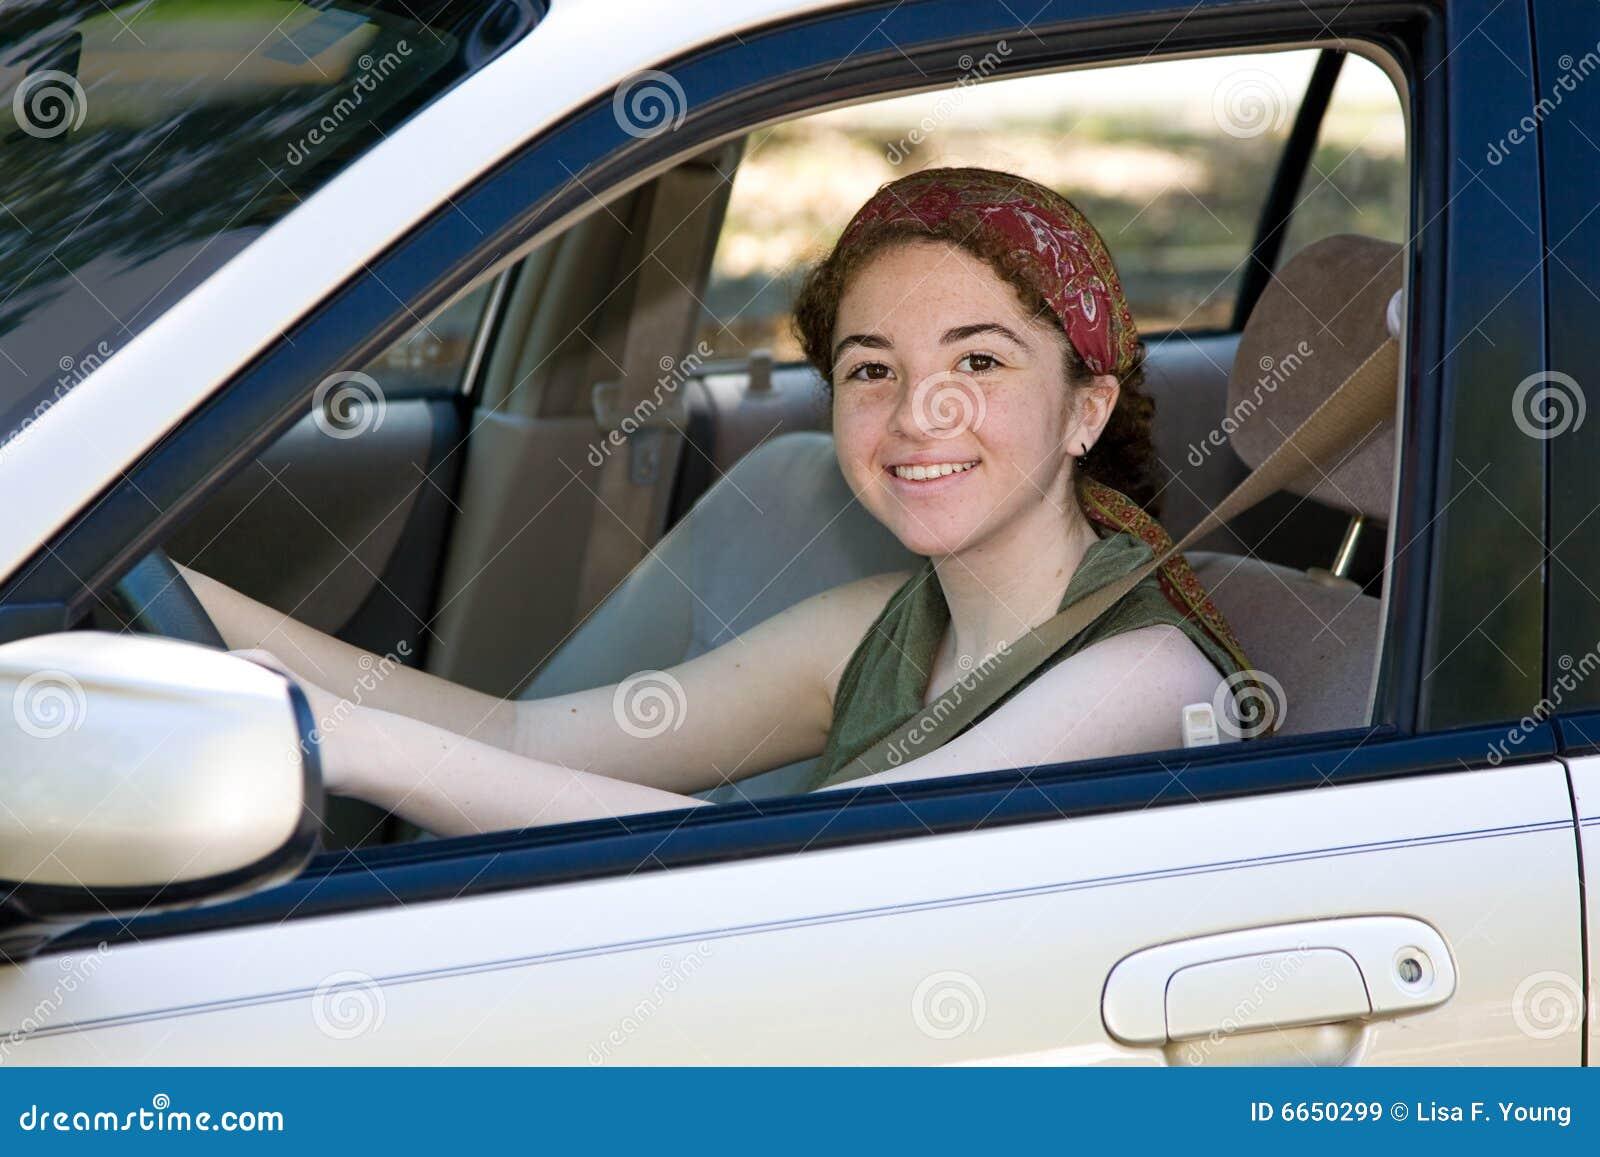 Description Driving Driver License Teens 100